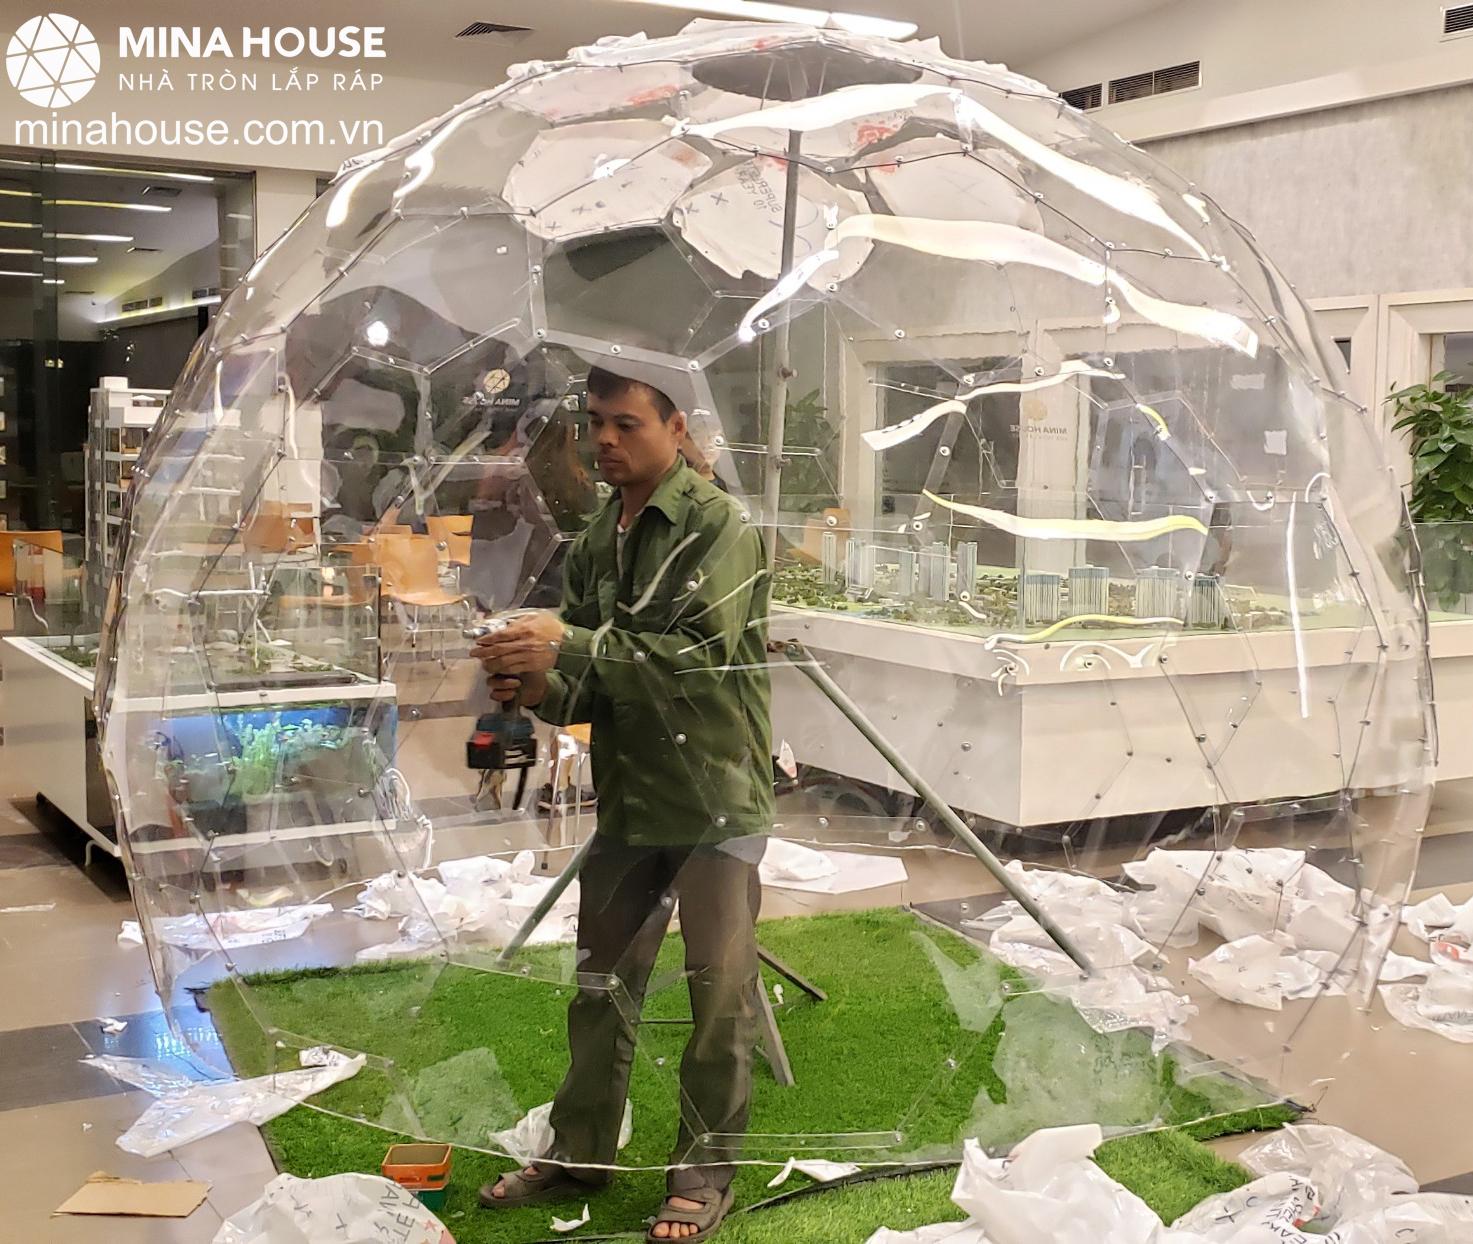 Lắp ráp nhà bong bóng cho Ecopark Hà Nội